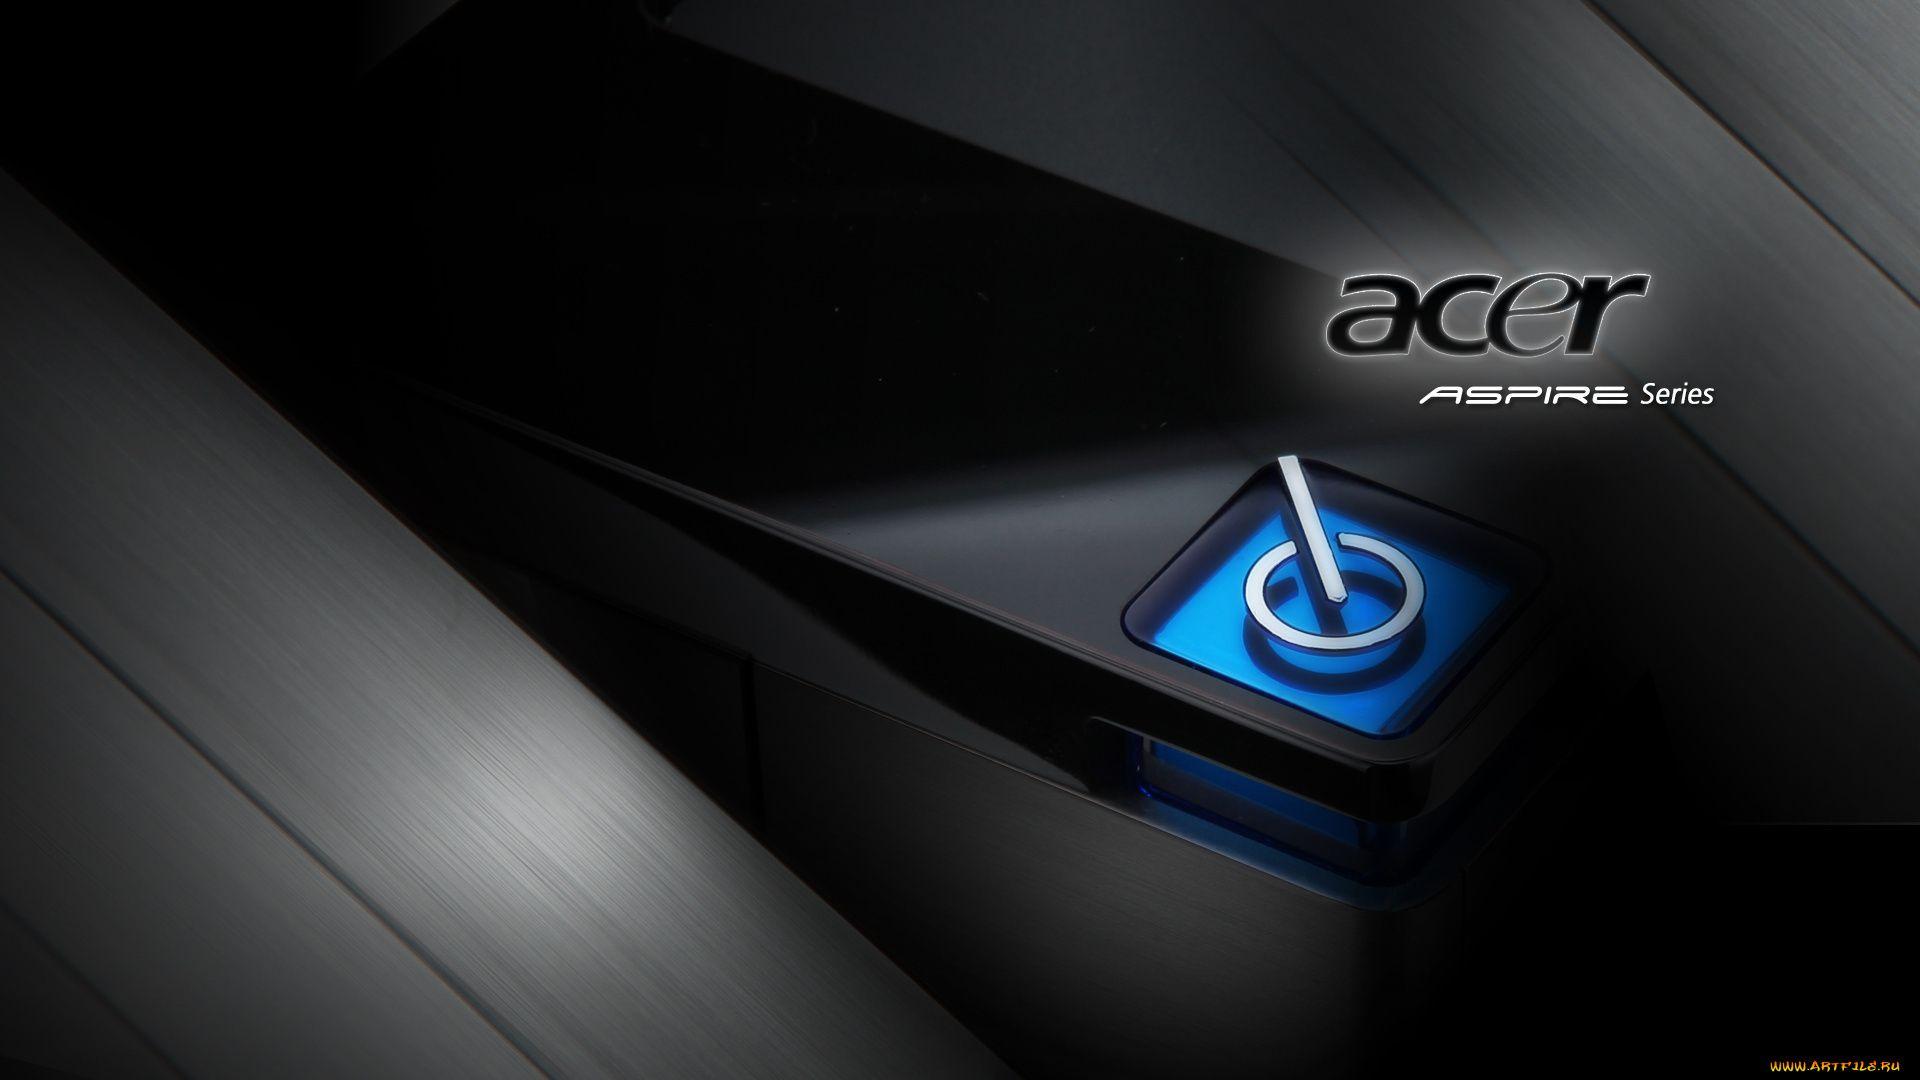 Acer jpg